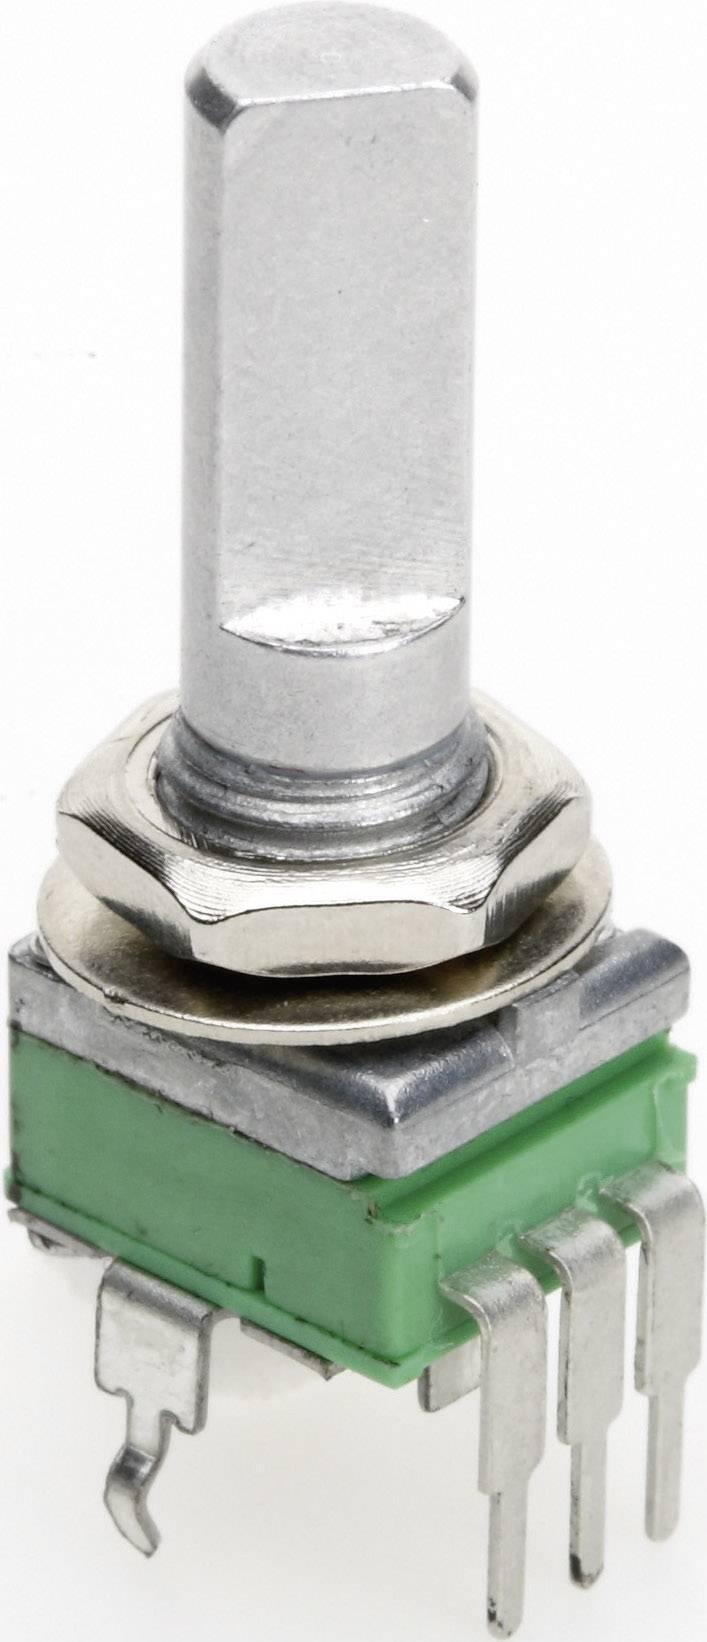 Vodivý plastový potenciometer mono TT Electronics AB P0915N-FC20 B-50 KR 4113104960, 50 kOhm, 1 ks